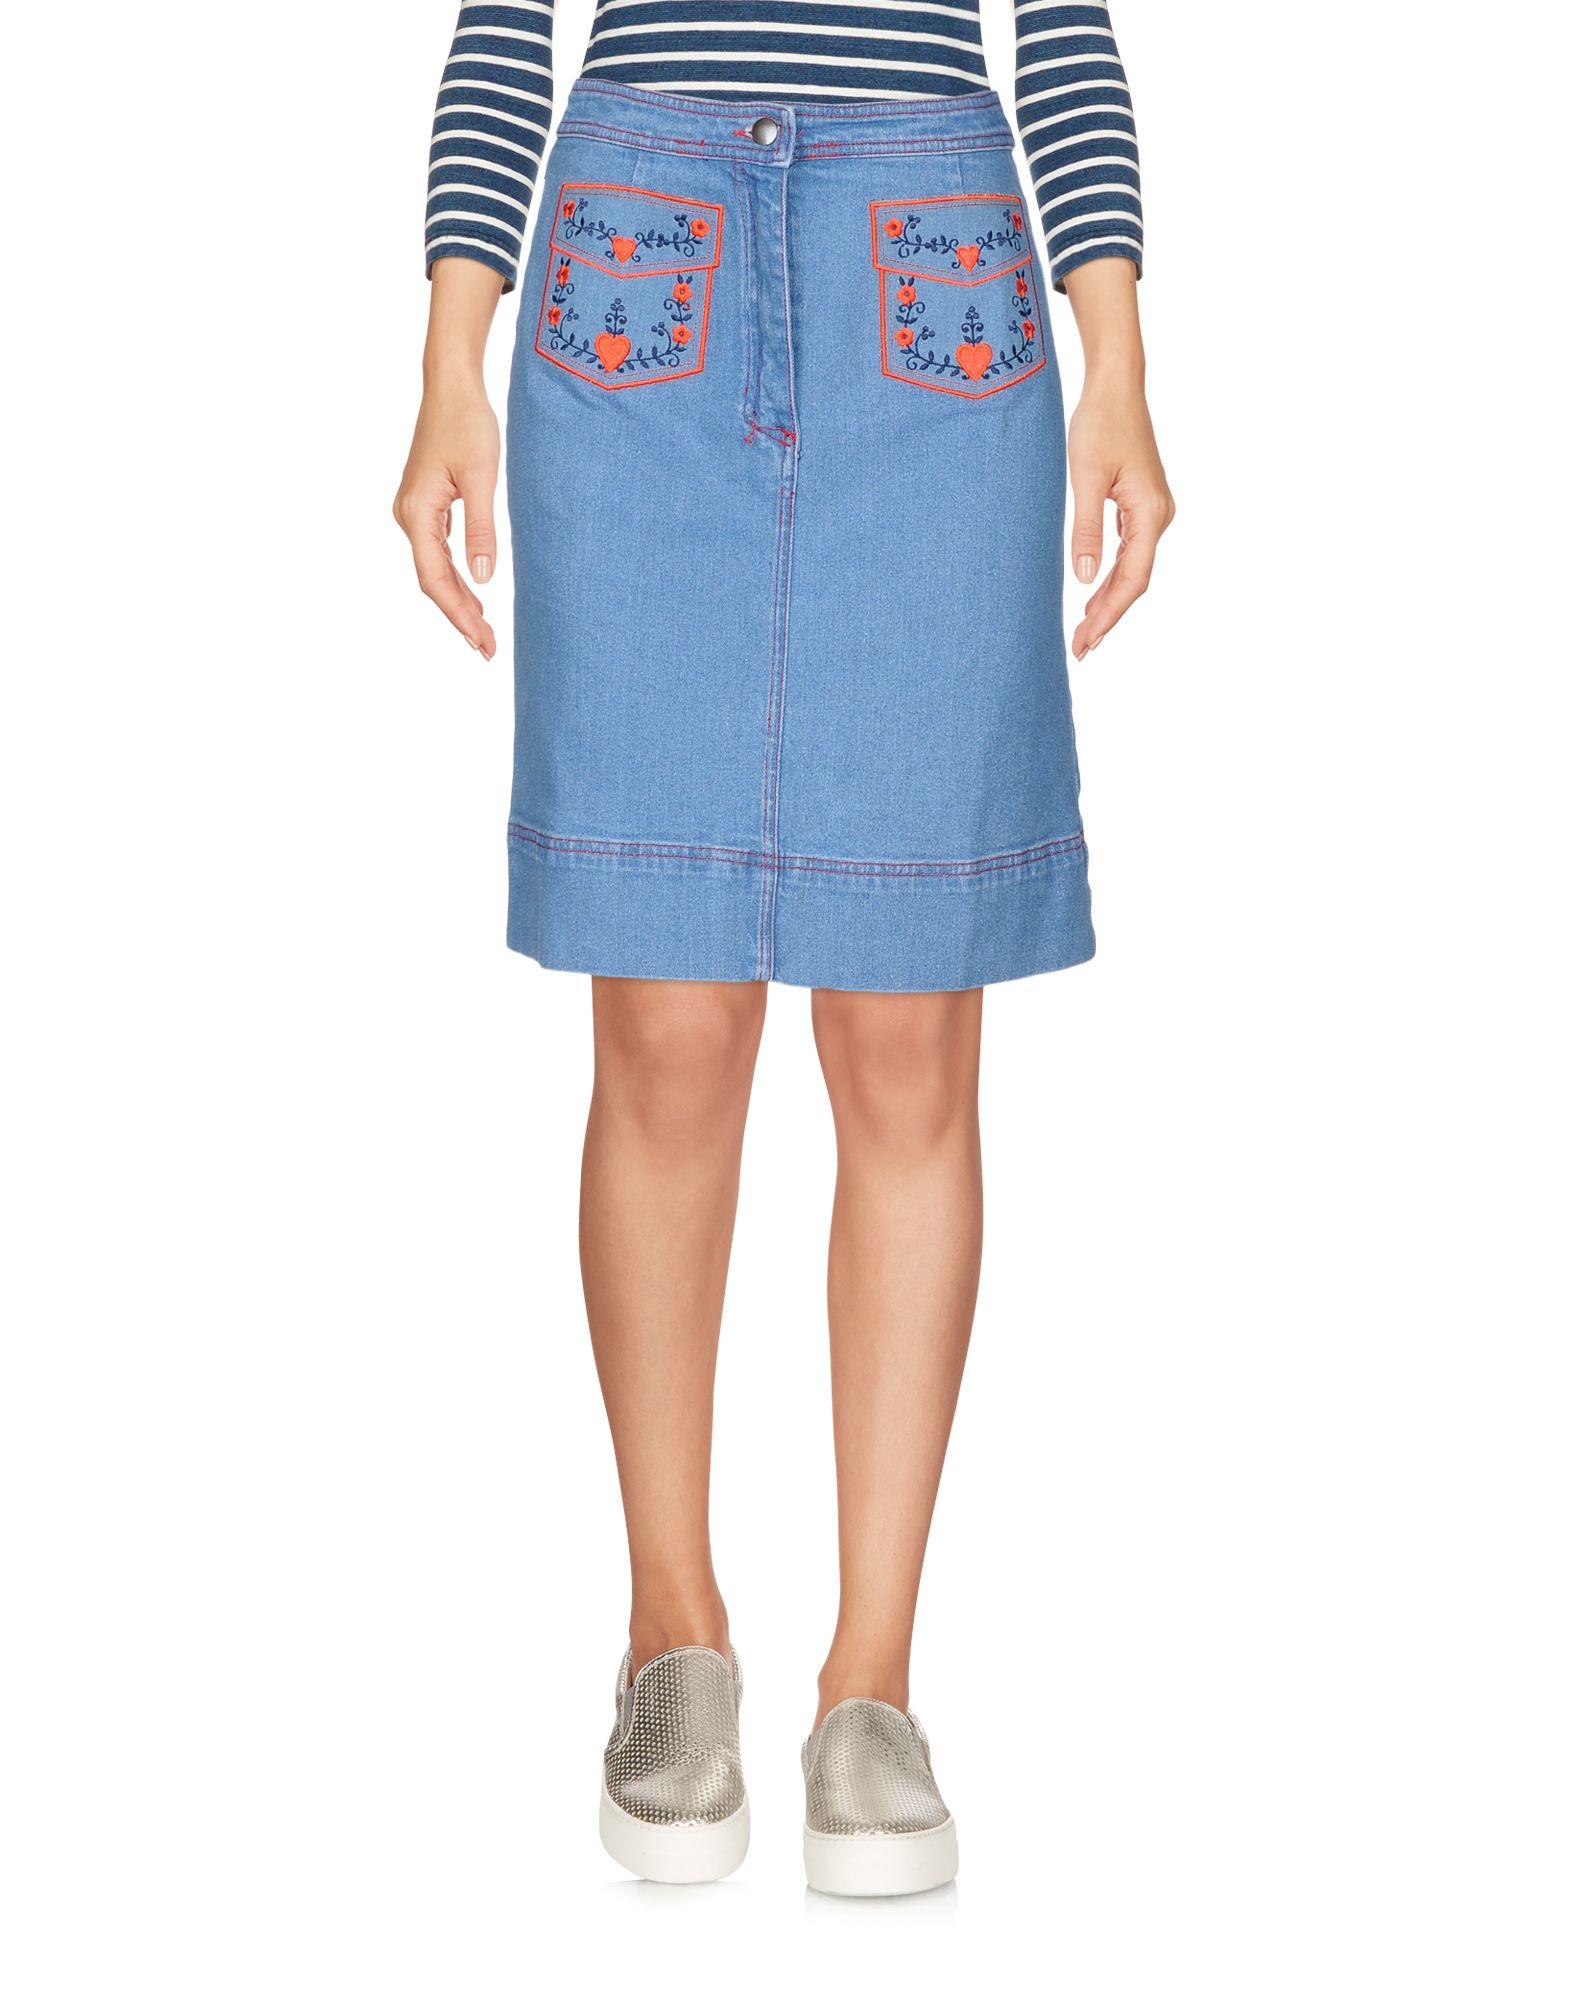 MANOUSH Джинсовая юбка vinemo vorneoco корейская версия высокой талии слот пакет юбка джинсовая юбка юбка юбка r1540 серый xl